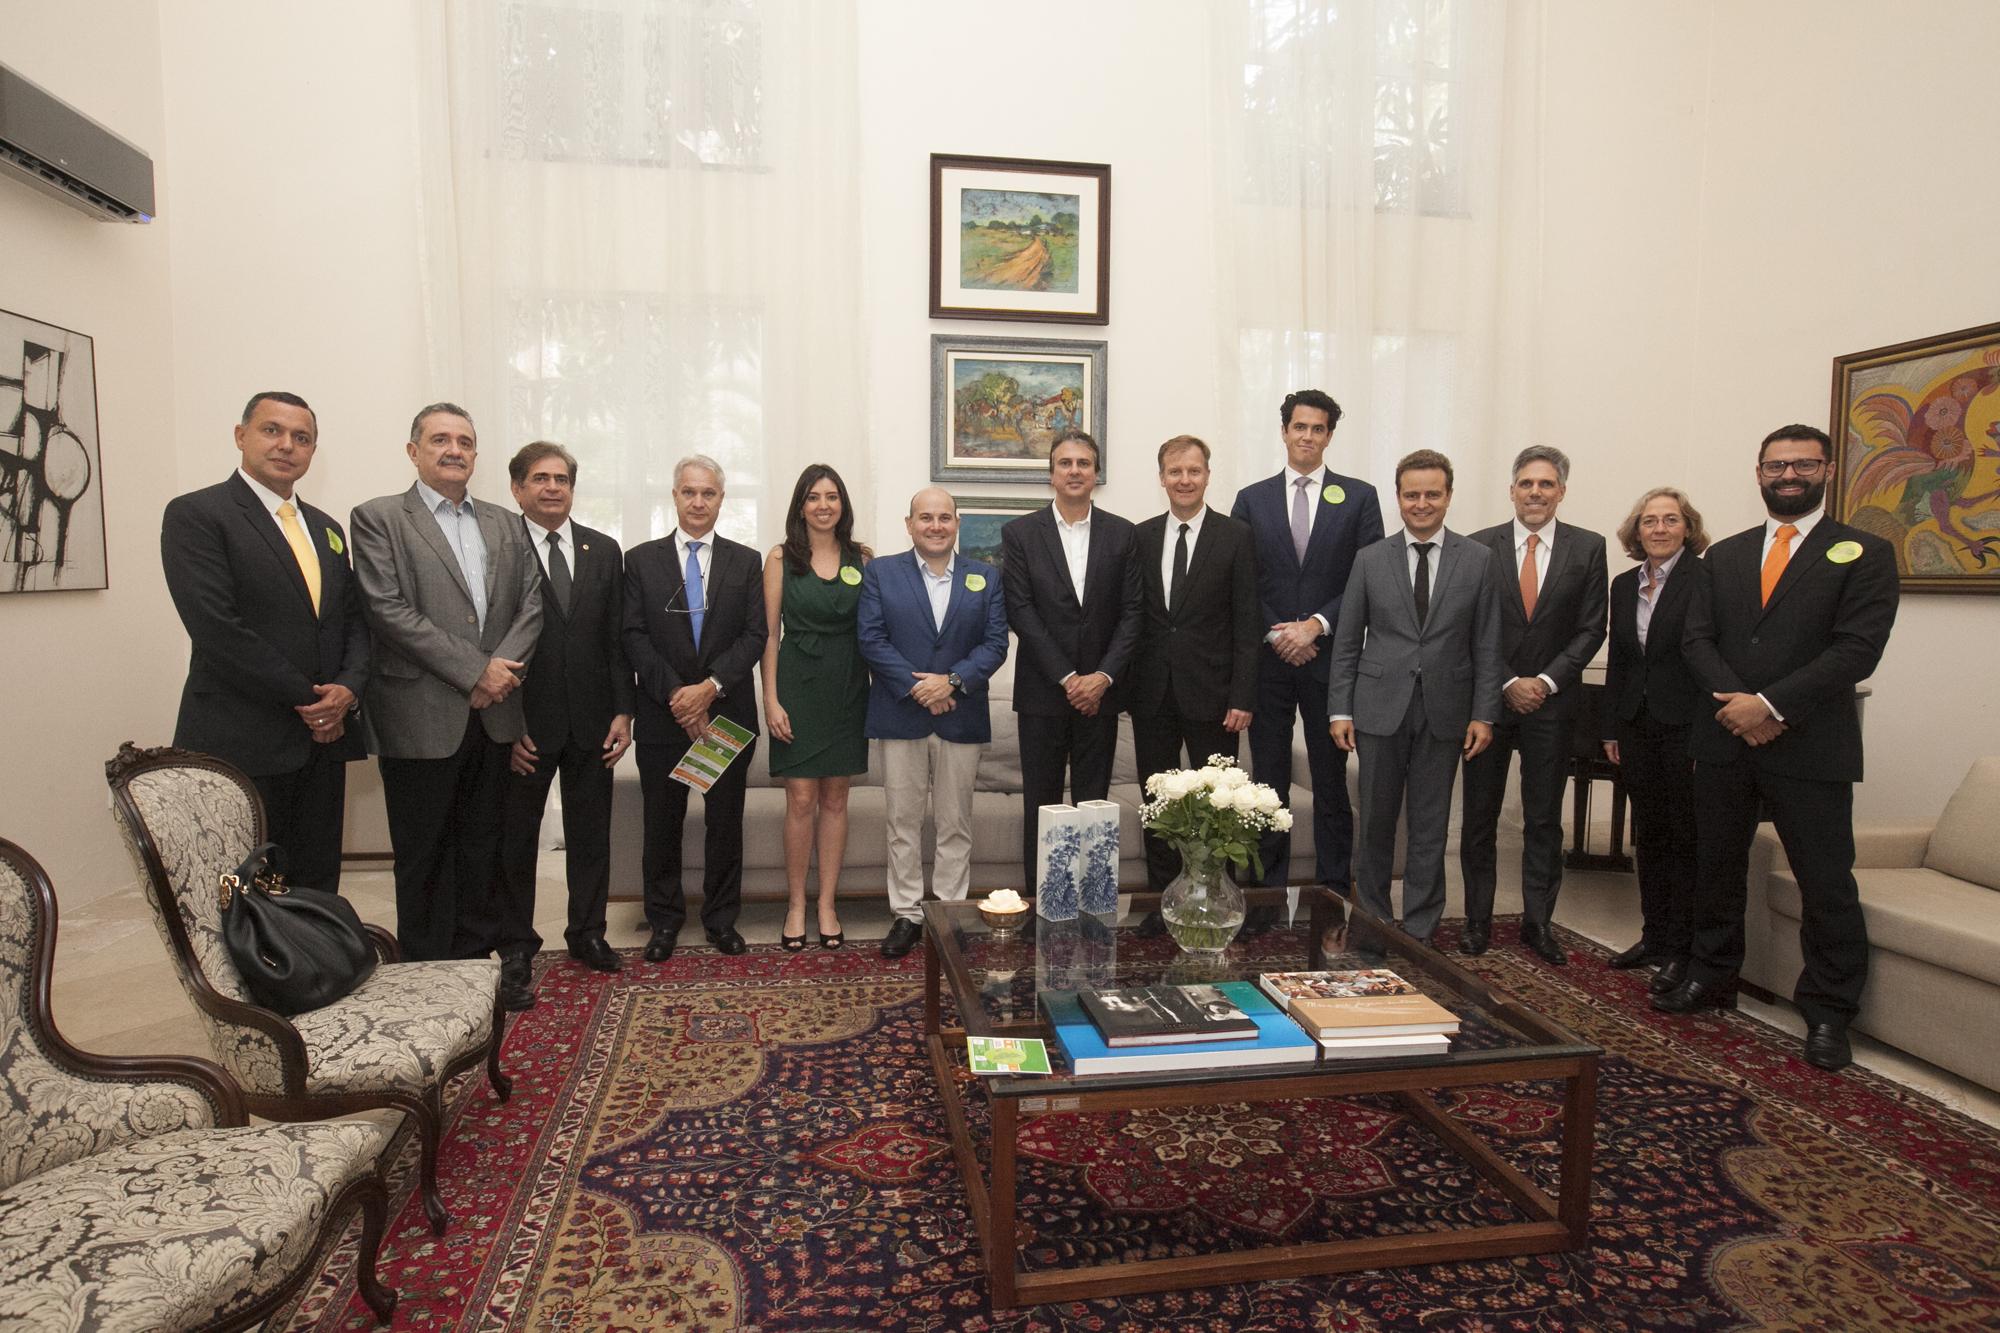 A operação do hub Air France-KLM e GOL em Fortaleza trará grande impacto inicial no fluxo do turismo no Estado.